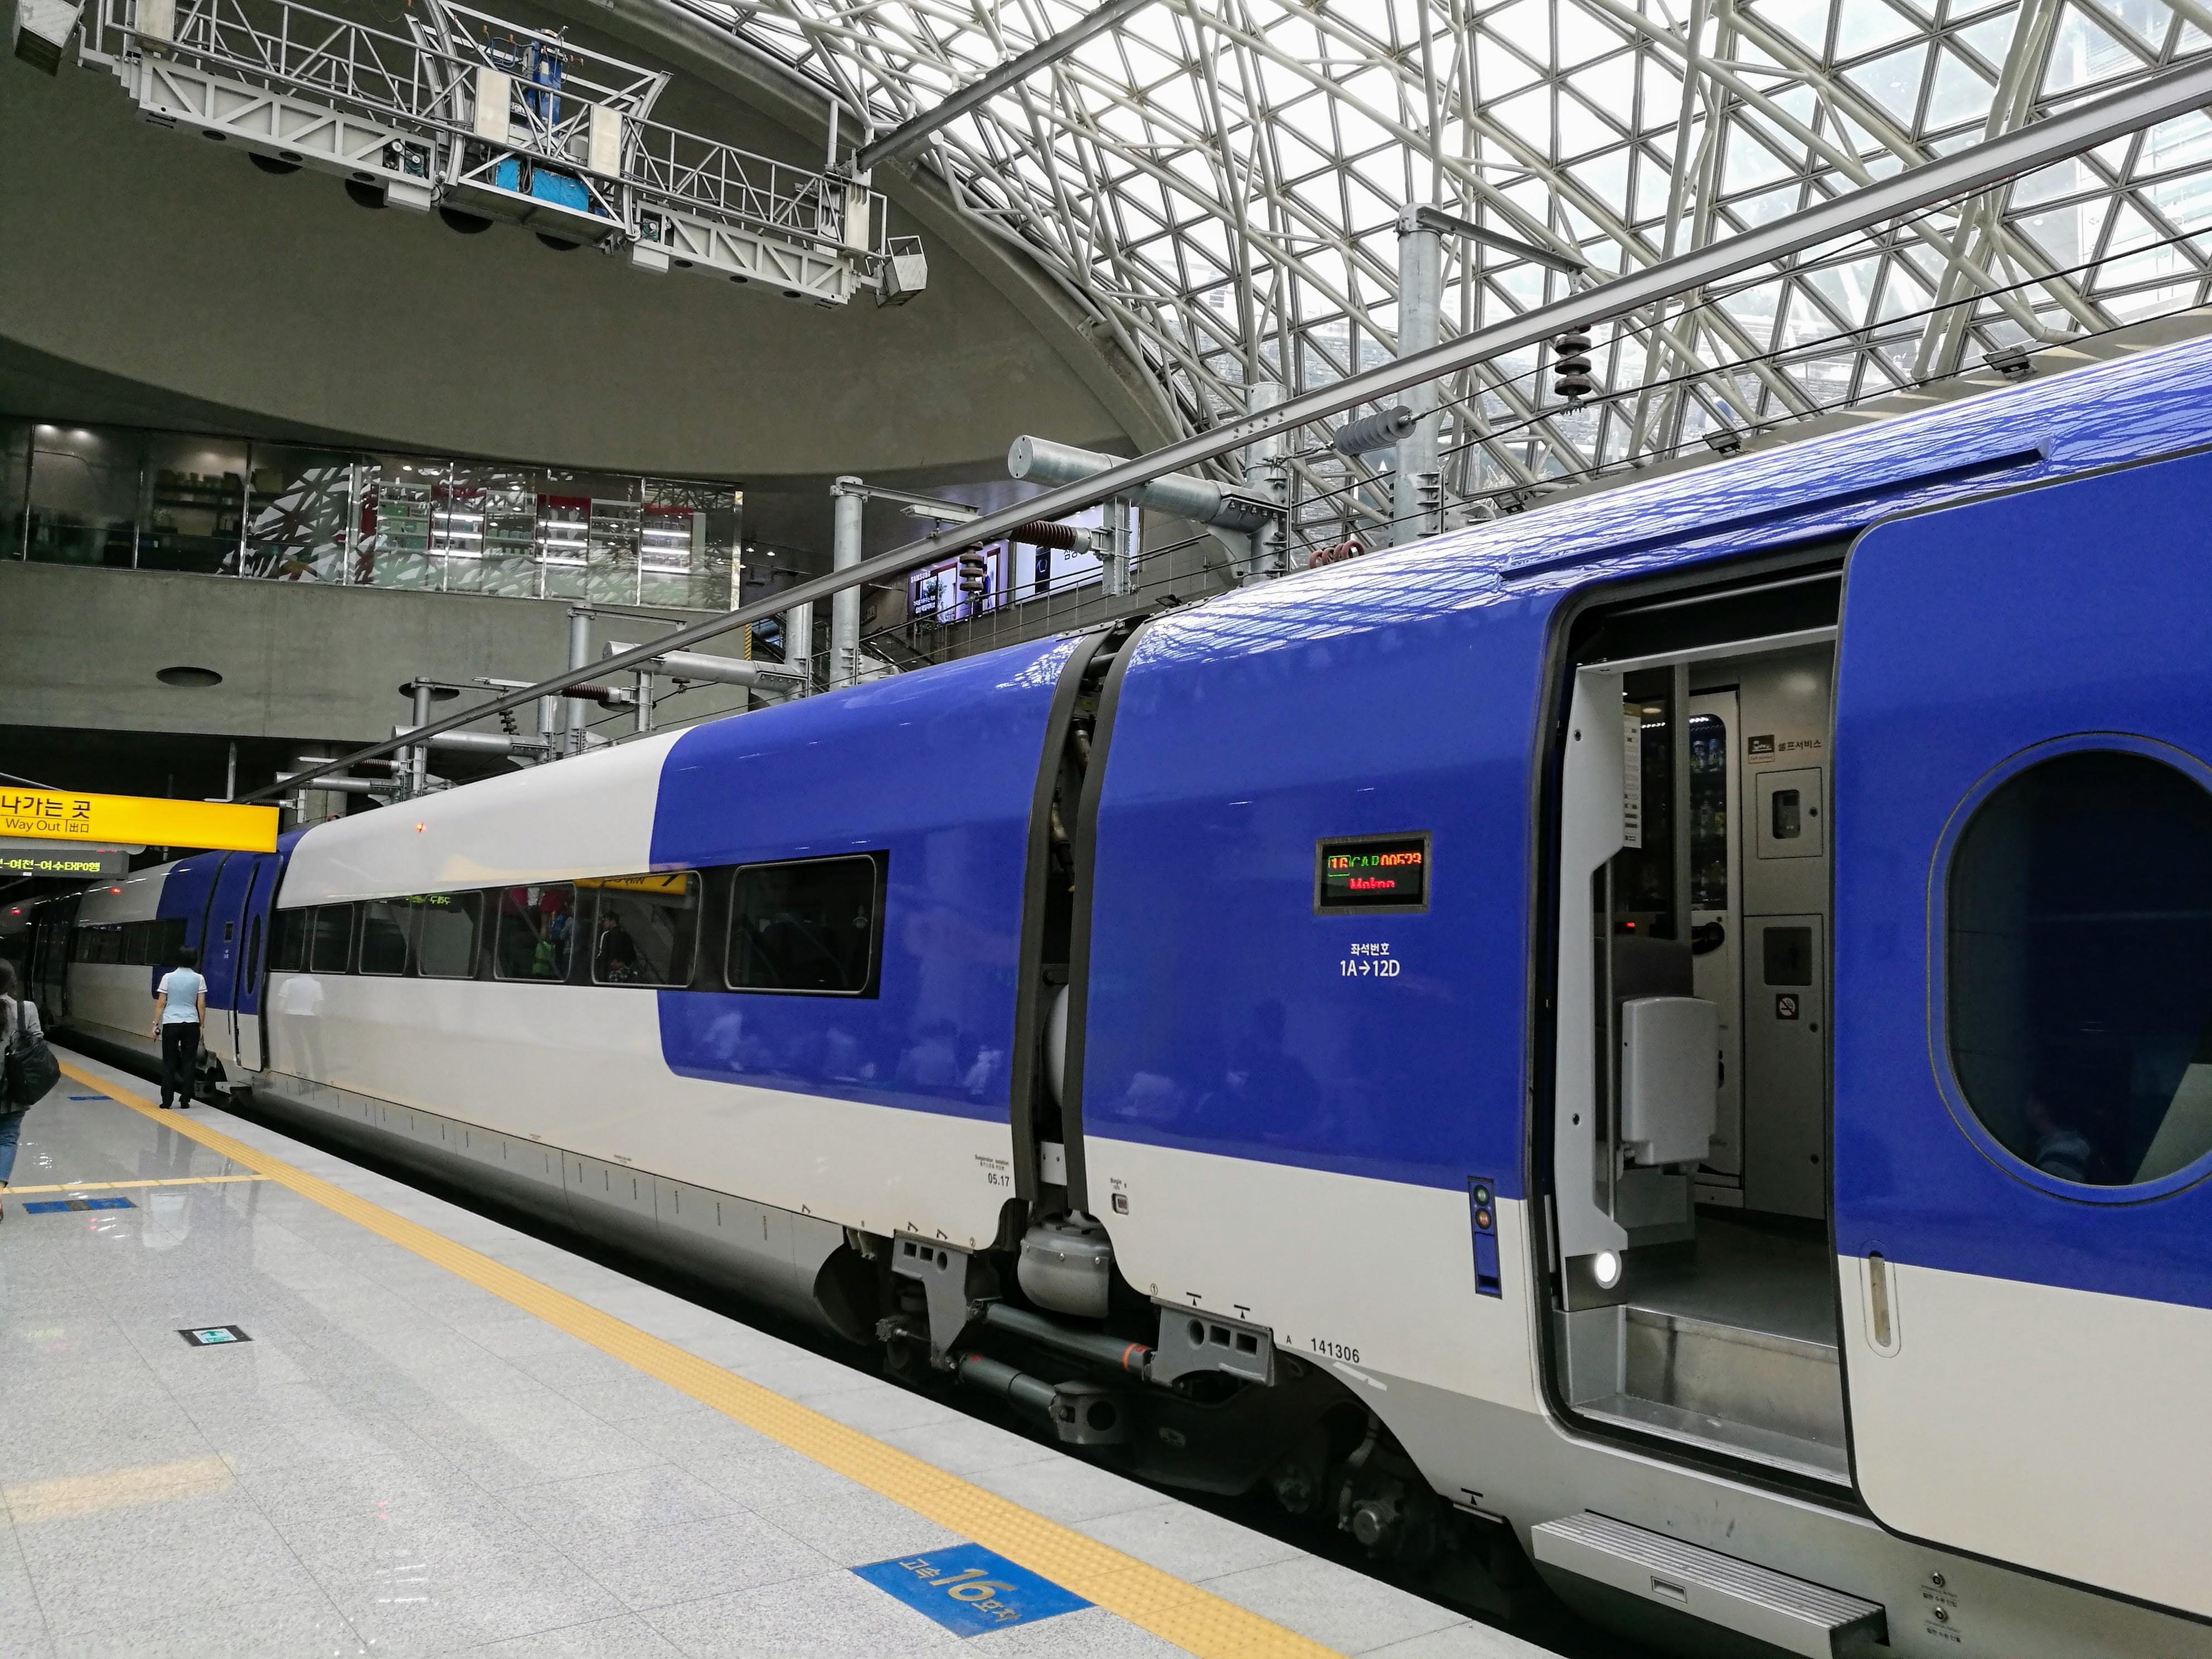 KTX gyorsvonat. 260 km/óra sebességgel közlekedik. A jegy kb. 16 ezer forintba kerül. Az utat Puszanból Szöulba a vonat kevesebb mint három óra alatt teszi meg.